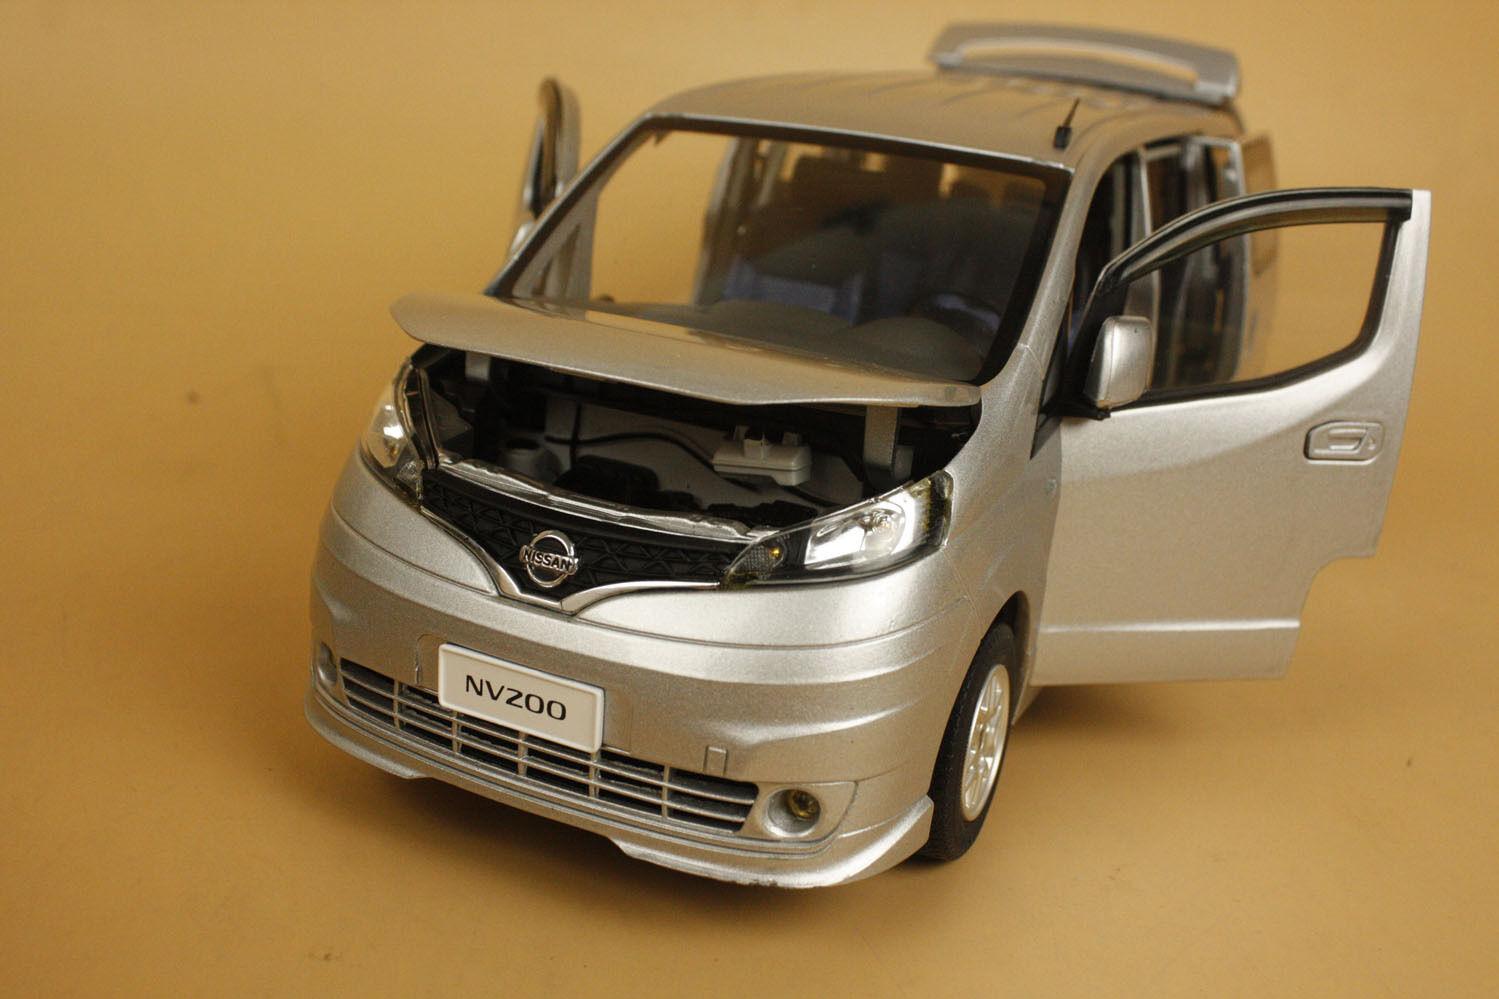 1 18 china nissan nv200 vanet tte model silver color ebay. Black Bedroom Furniture Sets. Home Design Ideas